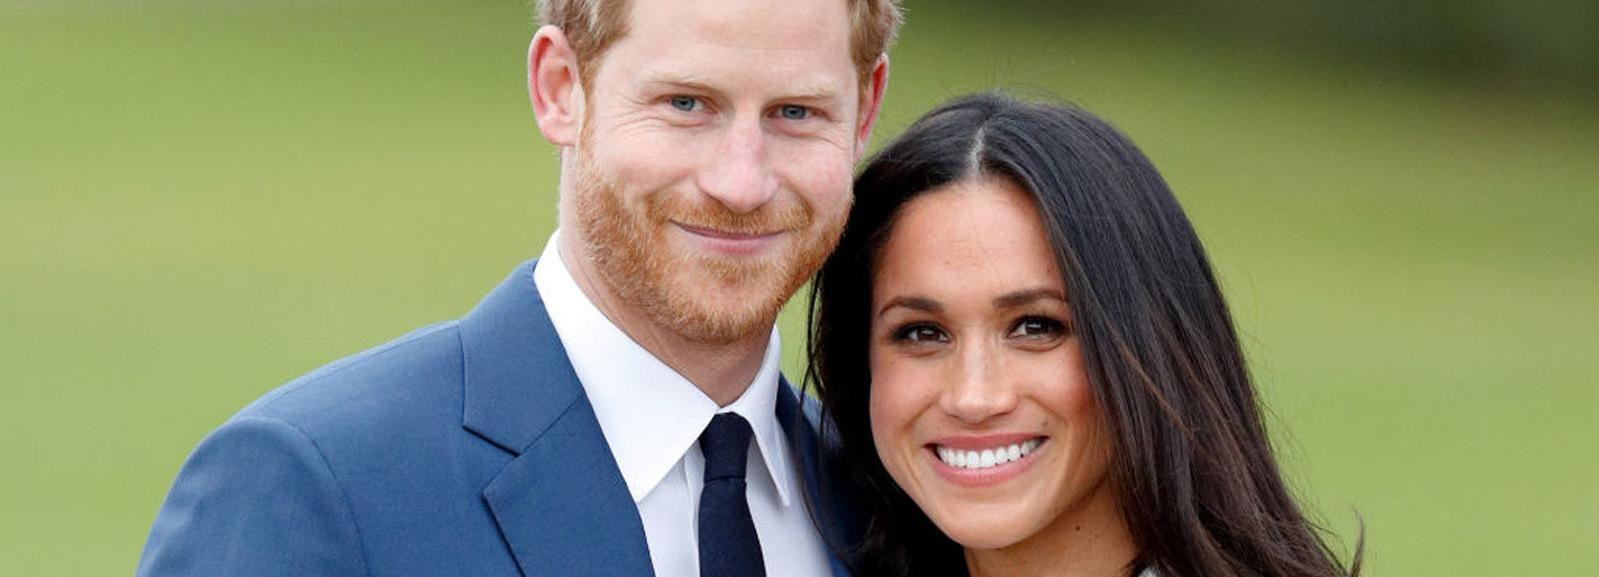 Visite privée à pied du prince Harry à Londres